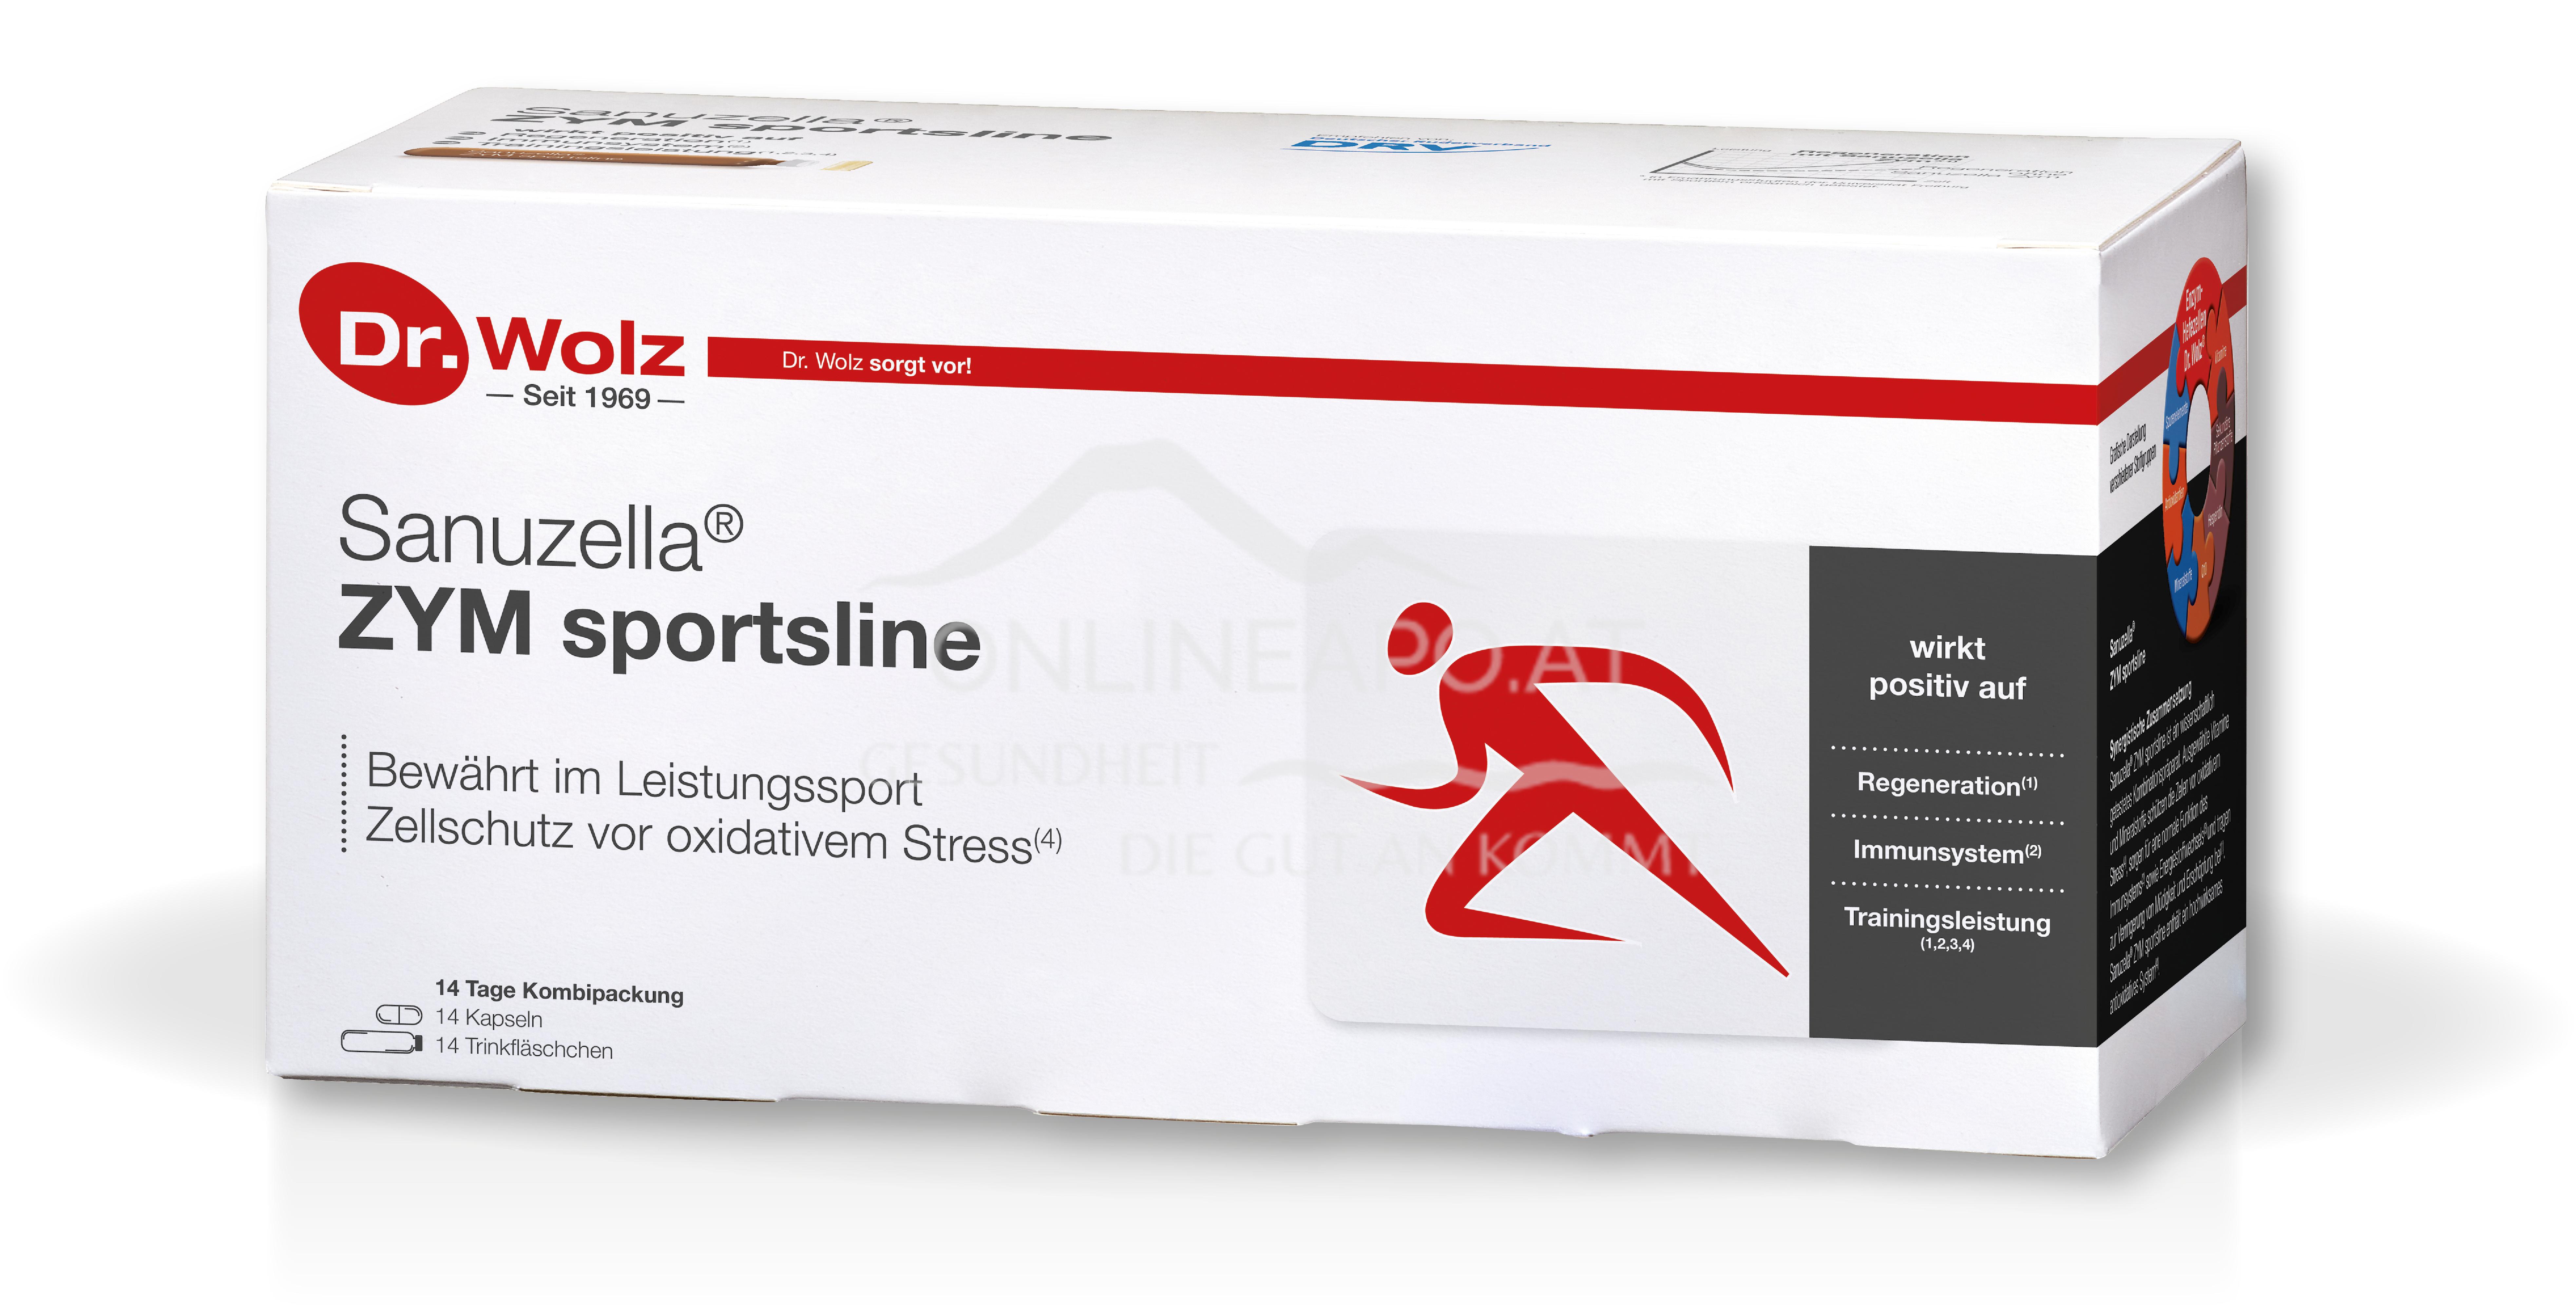 Dr. Wolz Sanuzella® ZYM sportsline